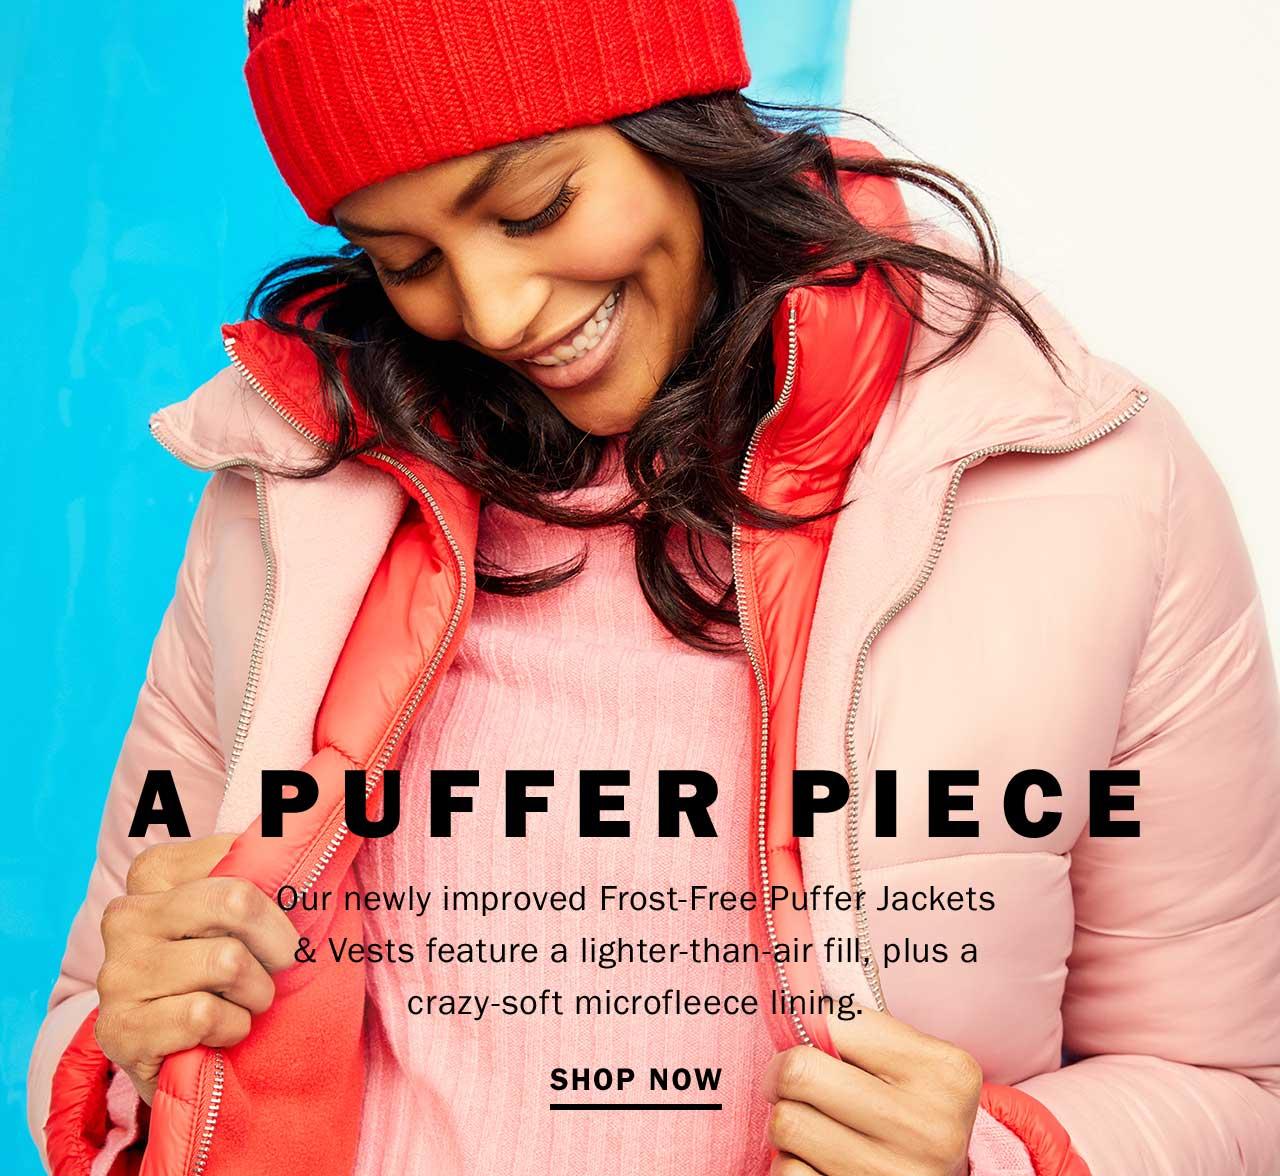 A puffer piece